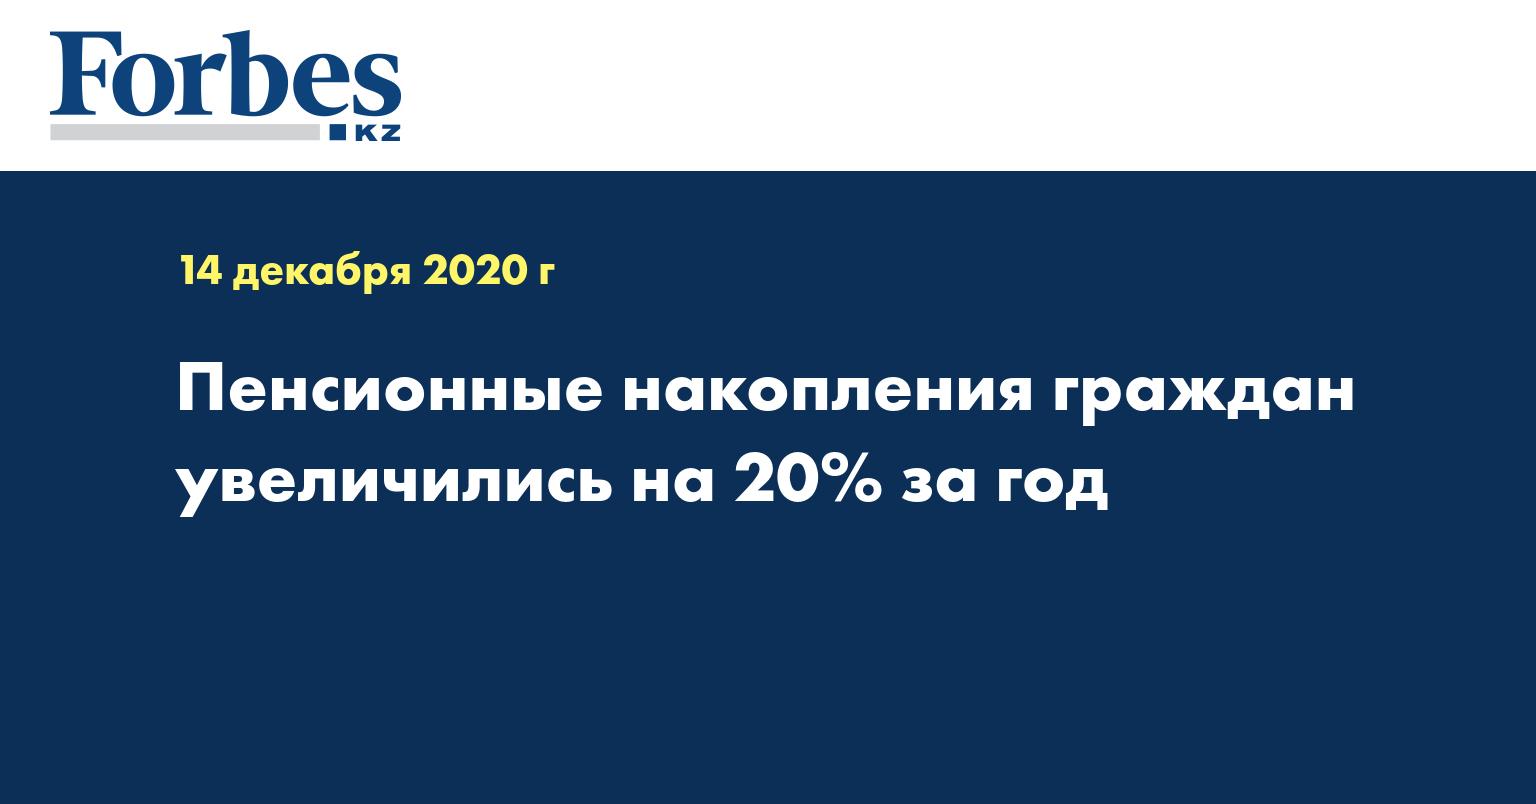 Пенсионные накопления граждан увеличились на 20% за год